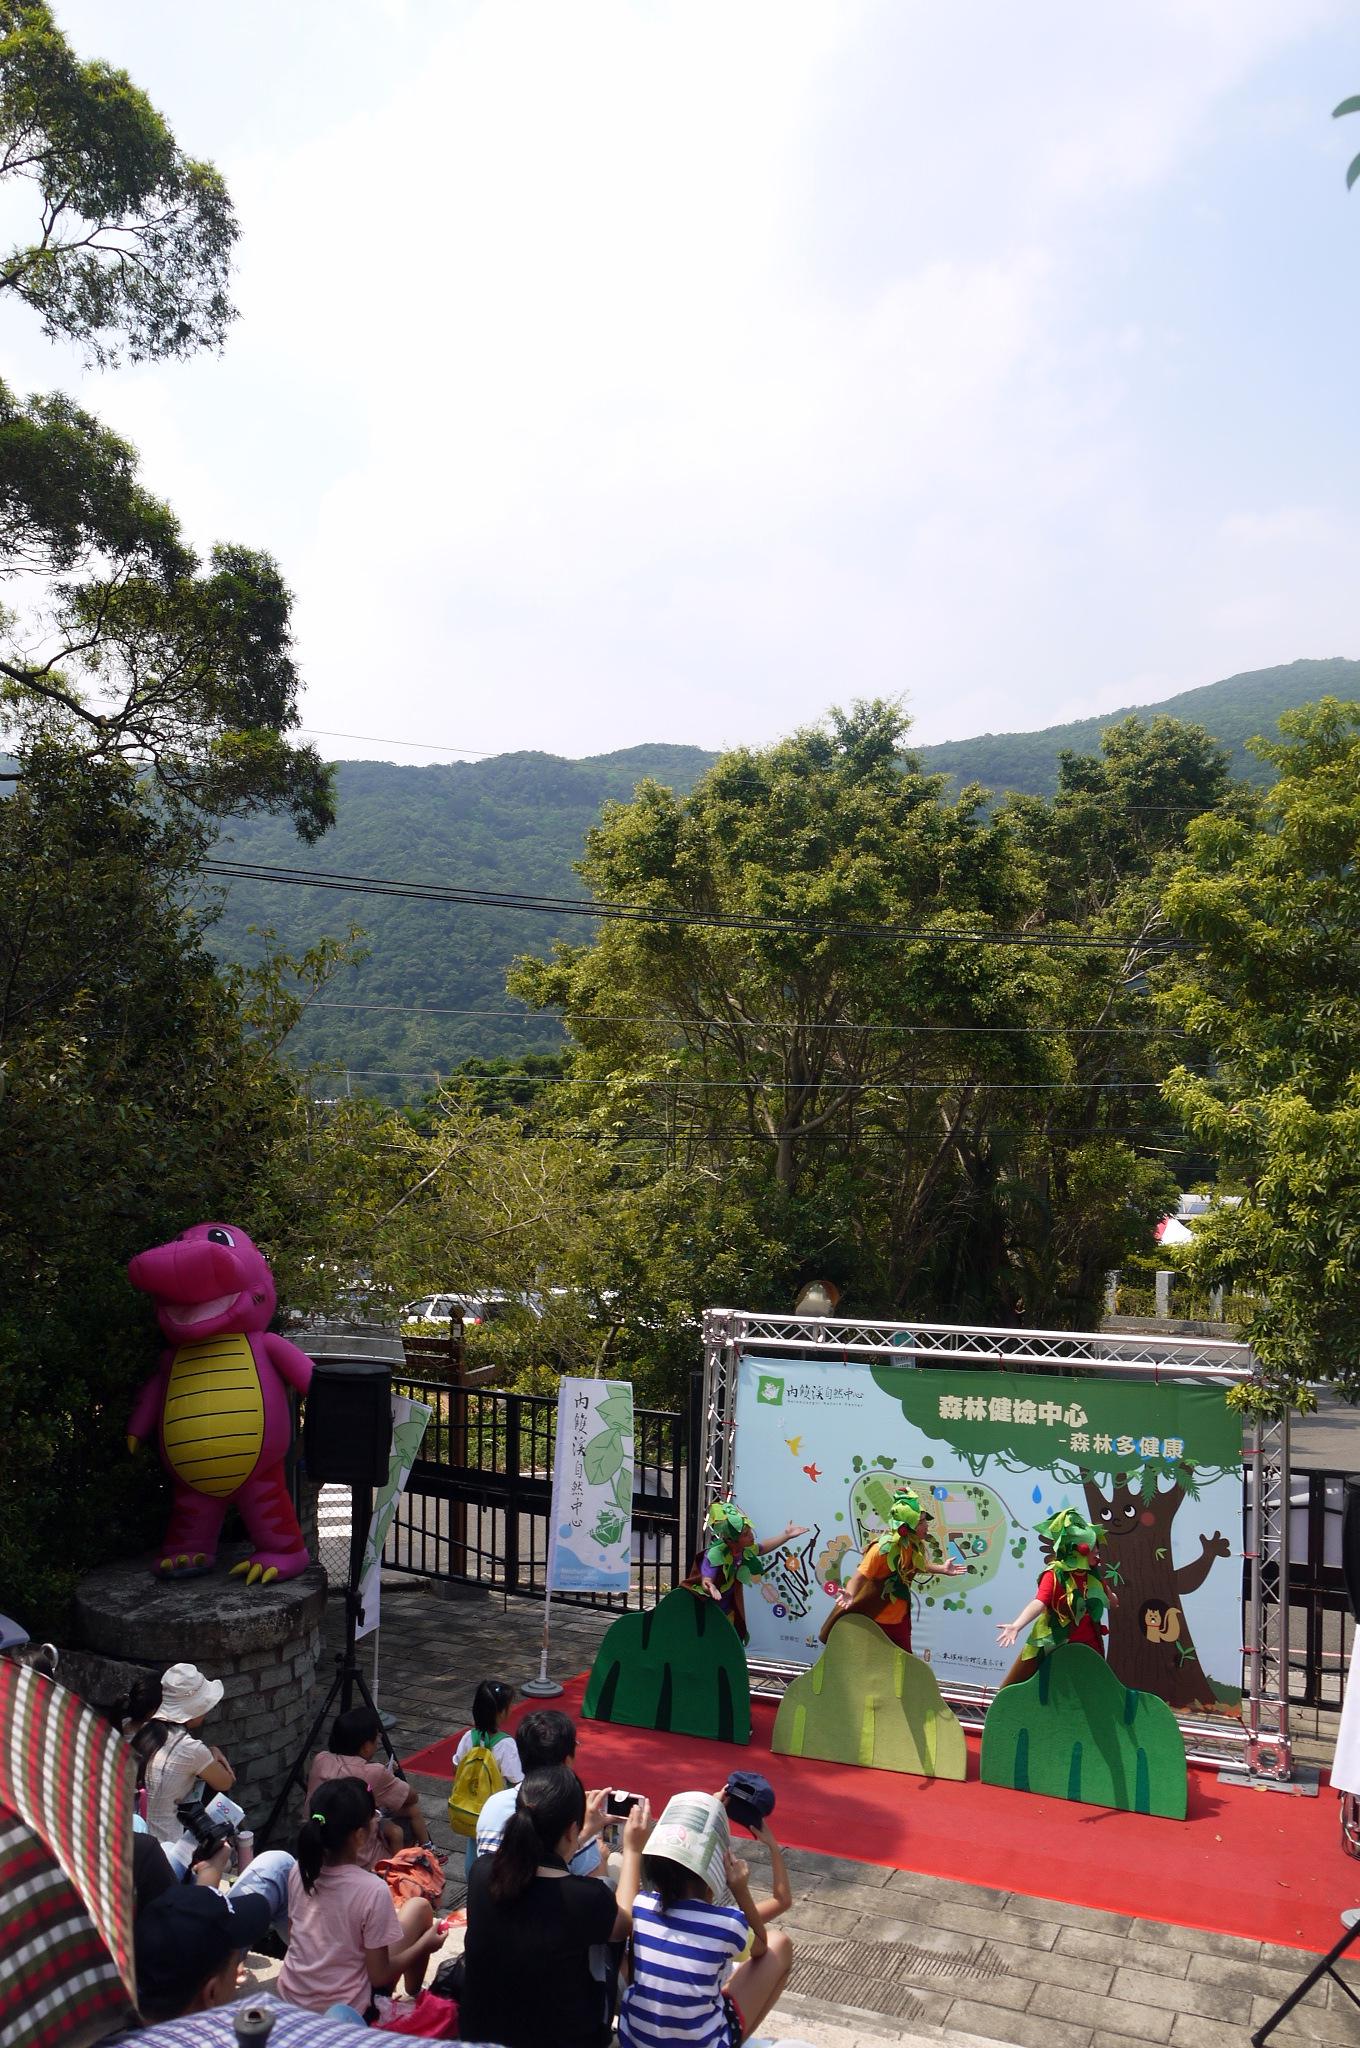 森林小劇場裡看看森林裡的樹木在想些甚麼?